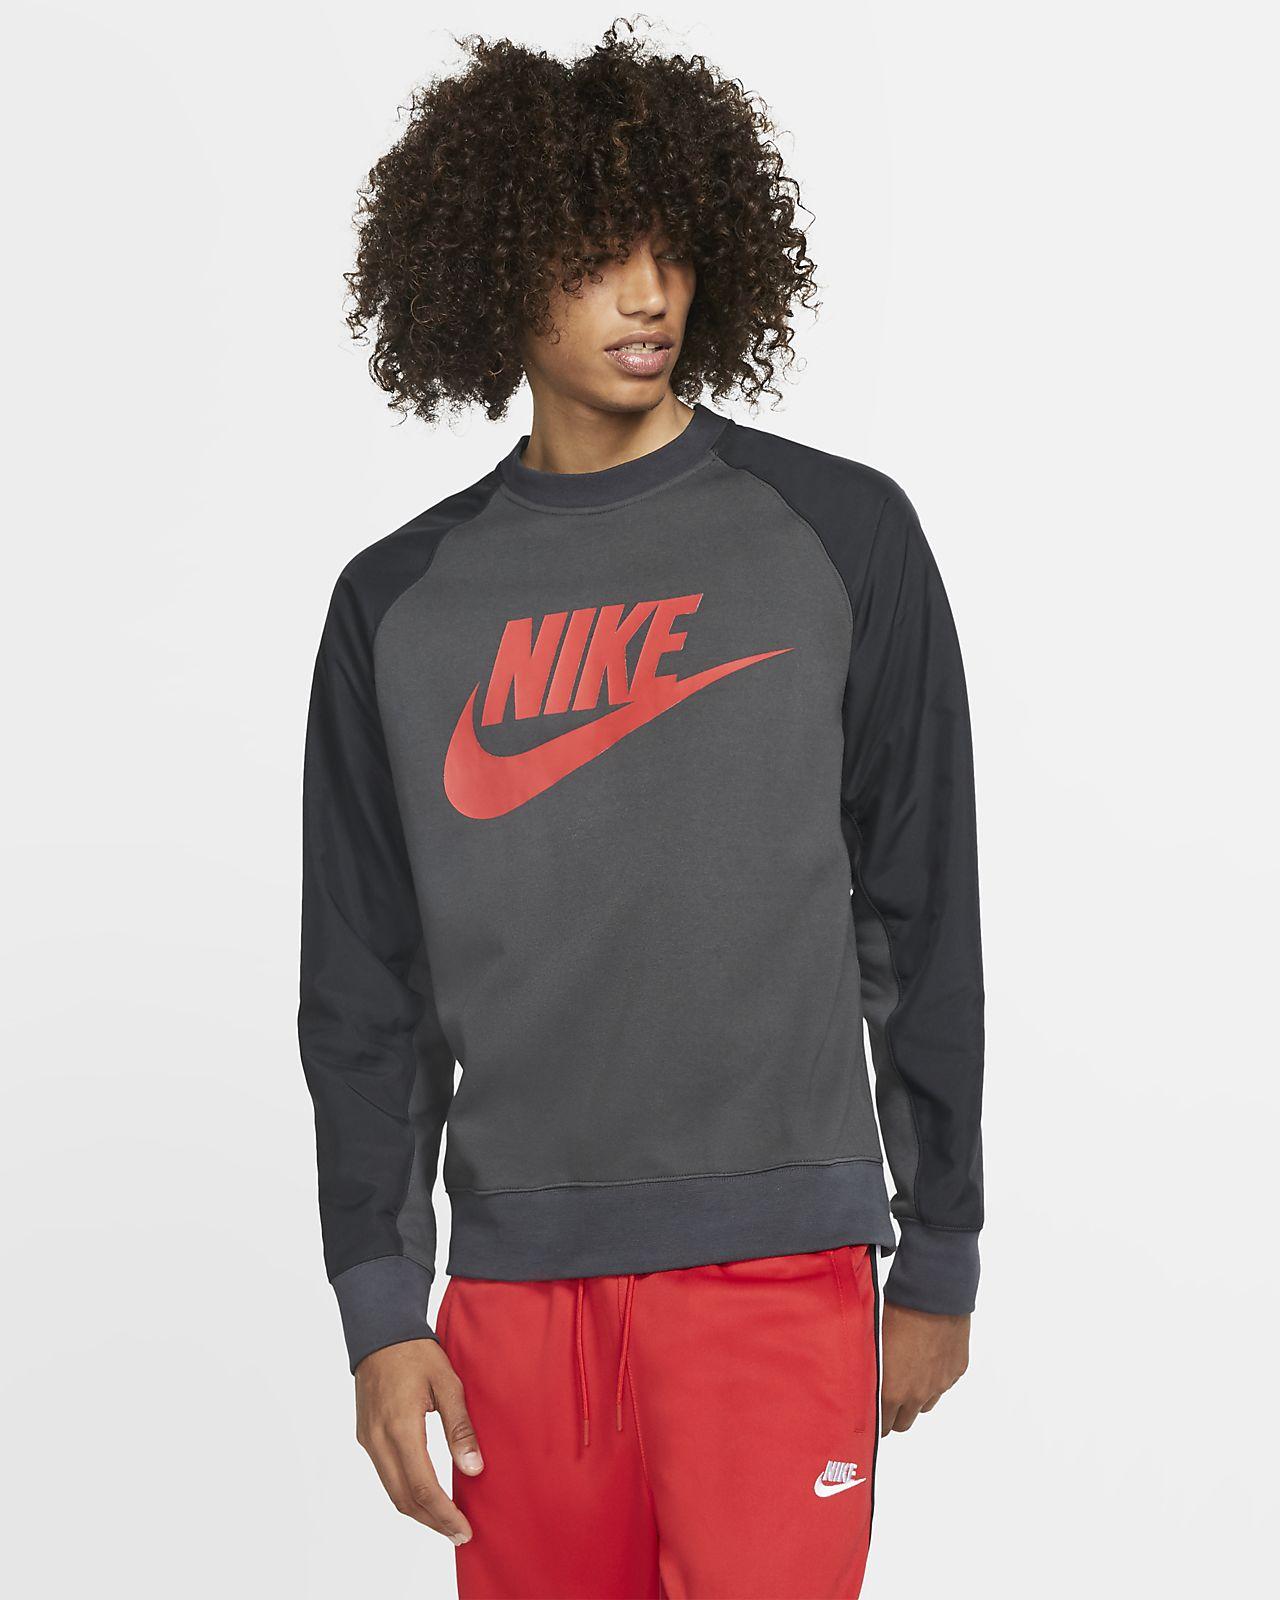 Pánská mikina Nike Sportswear s kulatým výstřihem a grafickým motivem